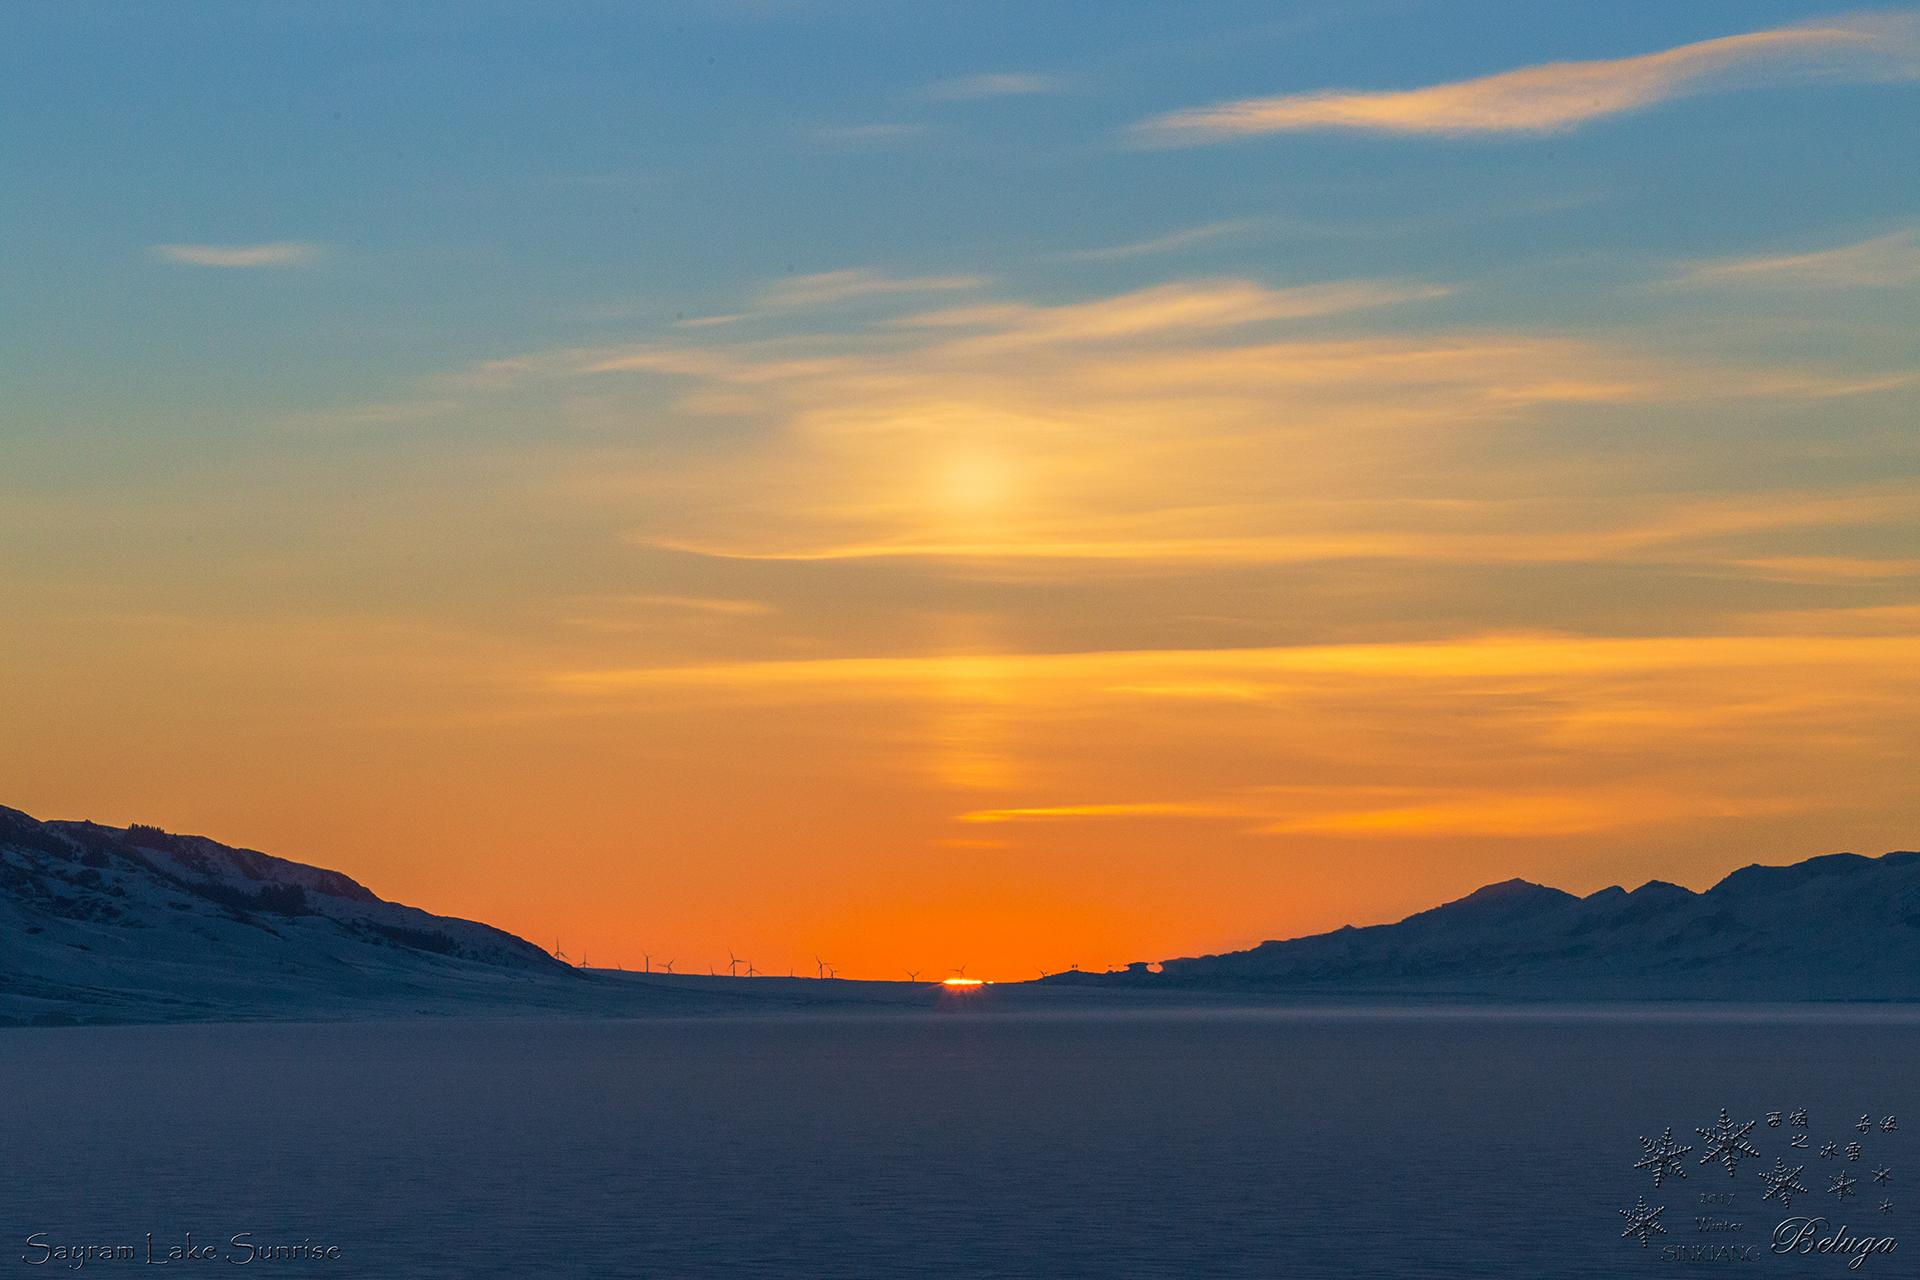 2.Sayram Lake Sunrise_1920.jpg